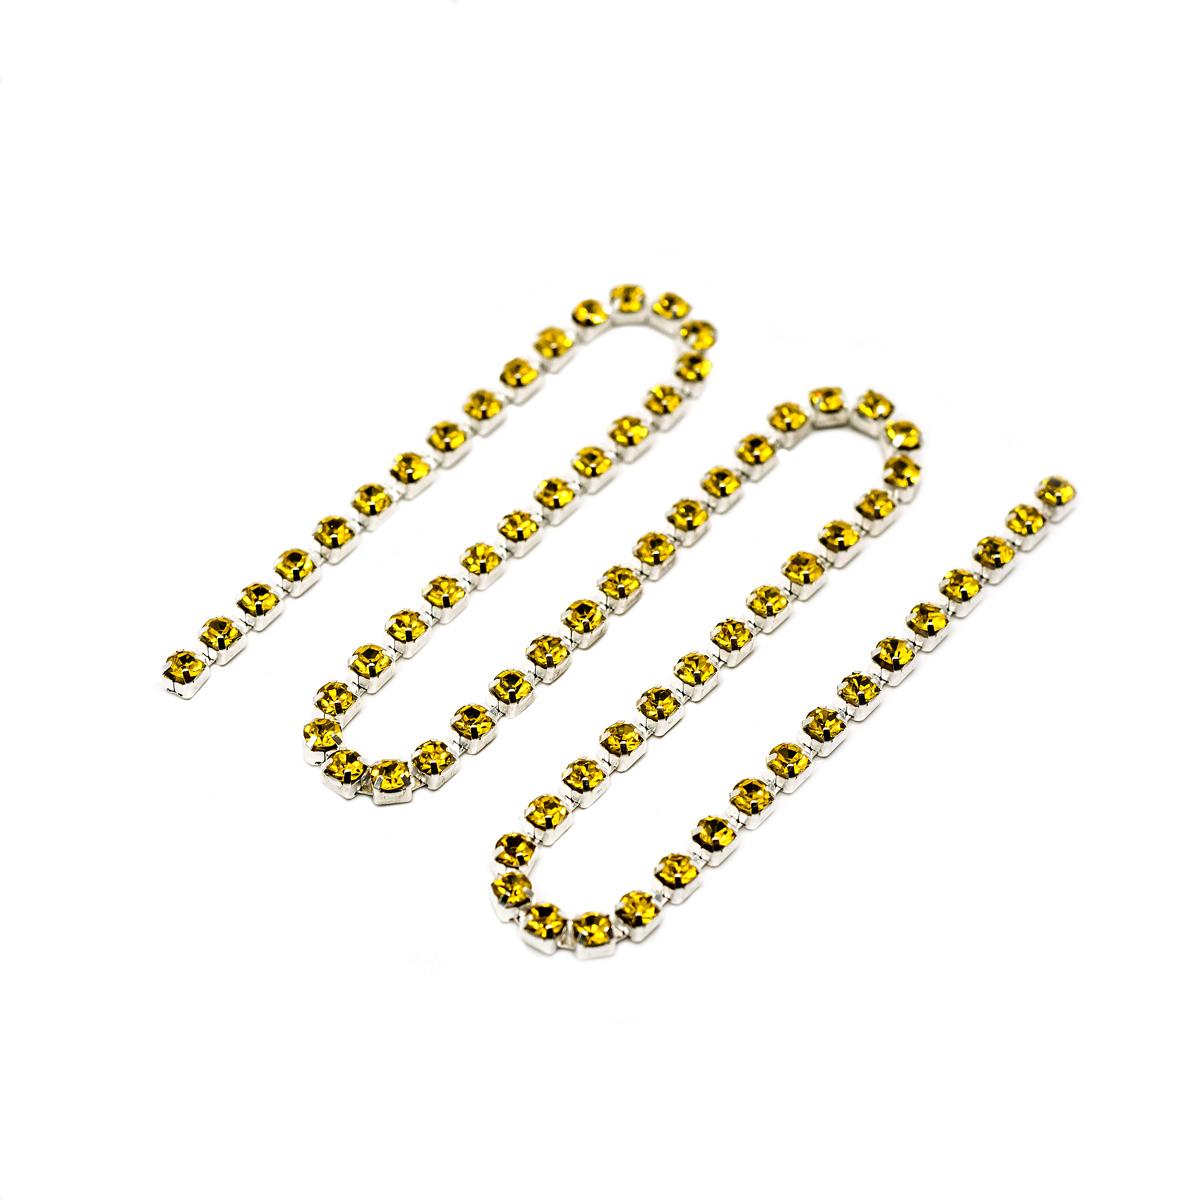 ЦС008СЦ3 Стразовые цепочки (серебро), цвет: желтый, размер 3 мм, 30 см/упак.